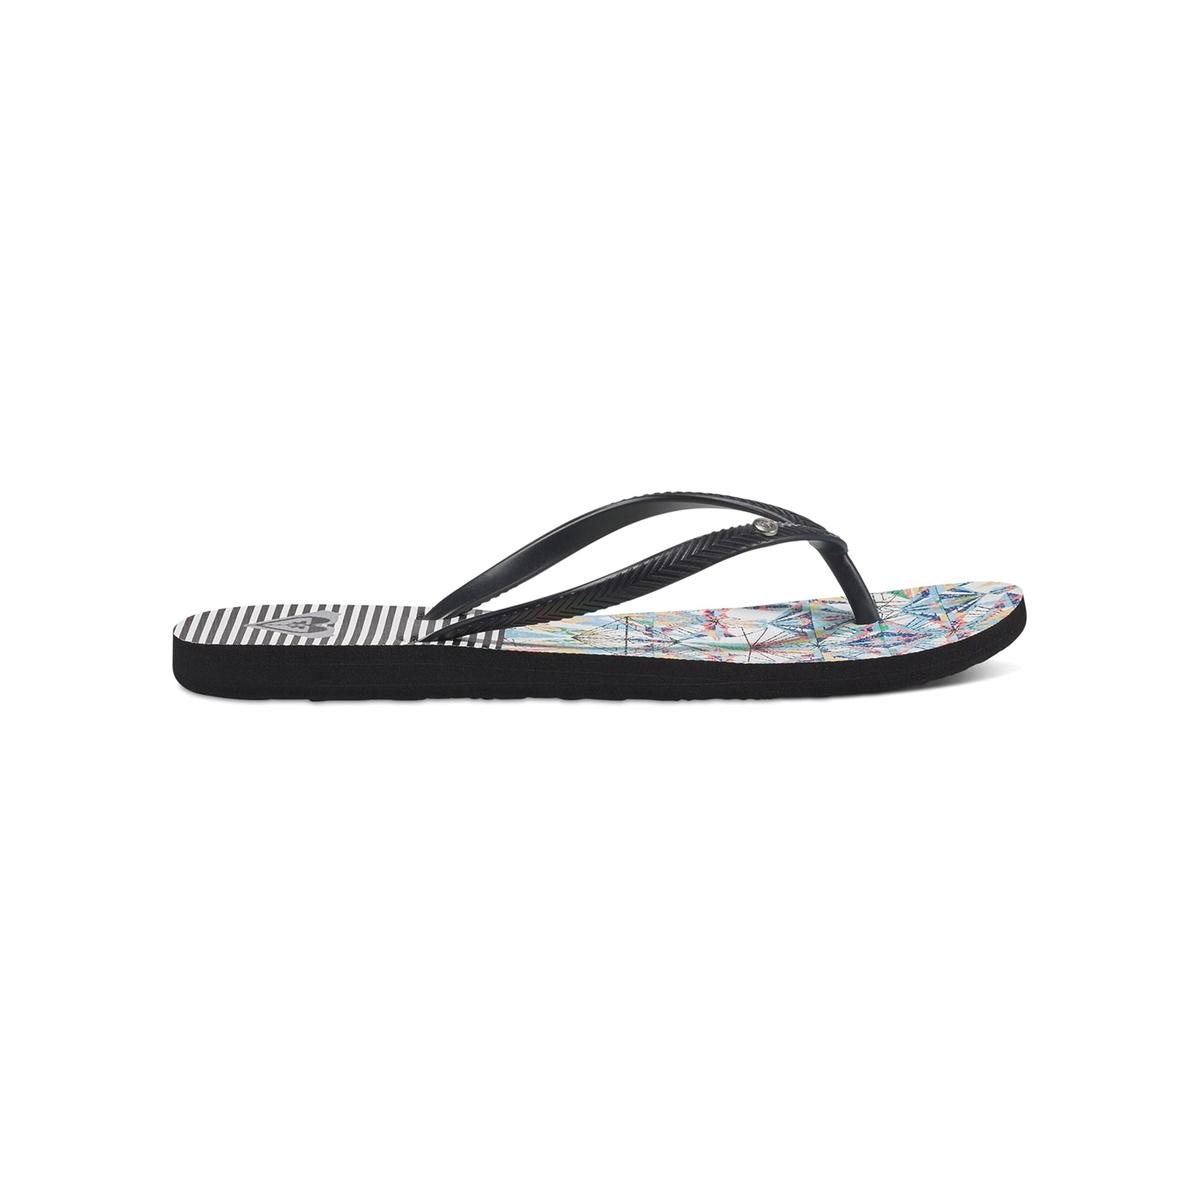 Вьетнамки BermudaВерх : синтетика   Подошва : каучук   Форма каблука : плоский каблук   Мысок : открытый мысок   Застежка : без застежки<br><br>Цвет: серый